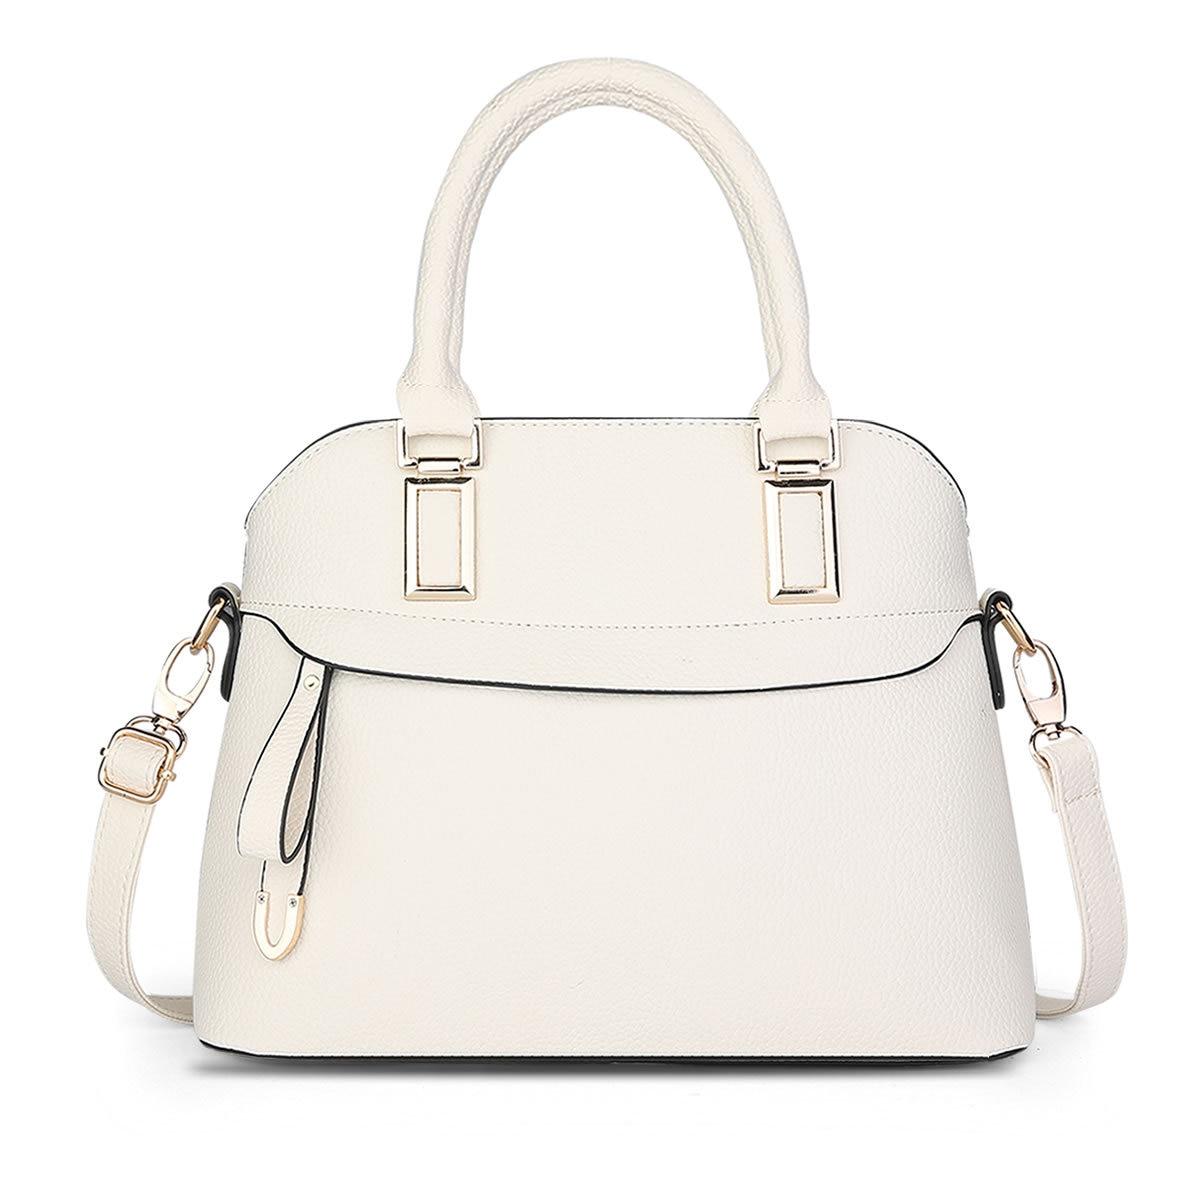 couro portátil ombro sacolas crossbody Bag Shape : Shell tipo